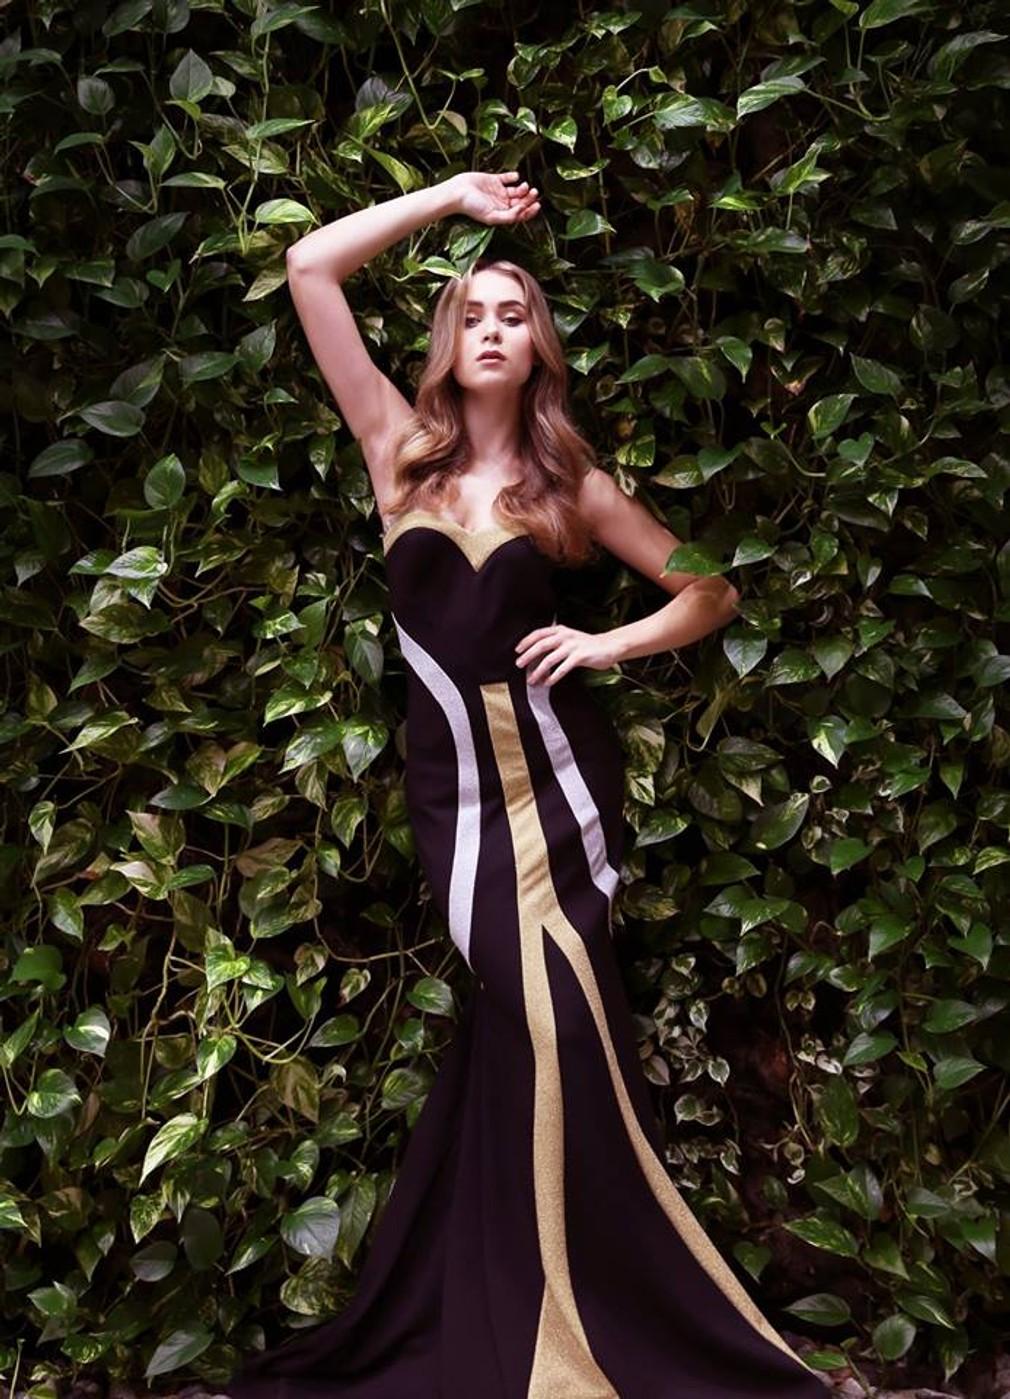 Miss Press 2019 - Tereza Turzová